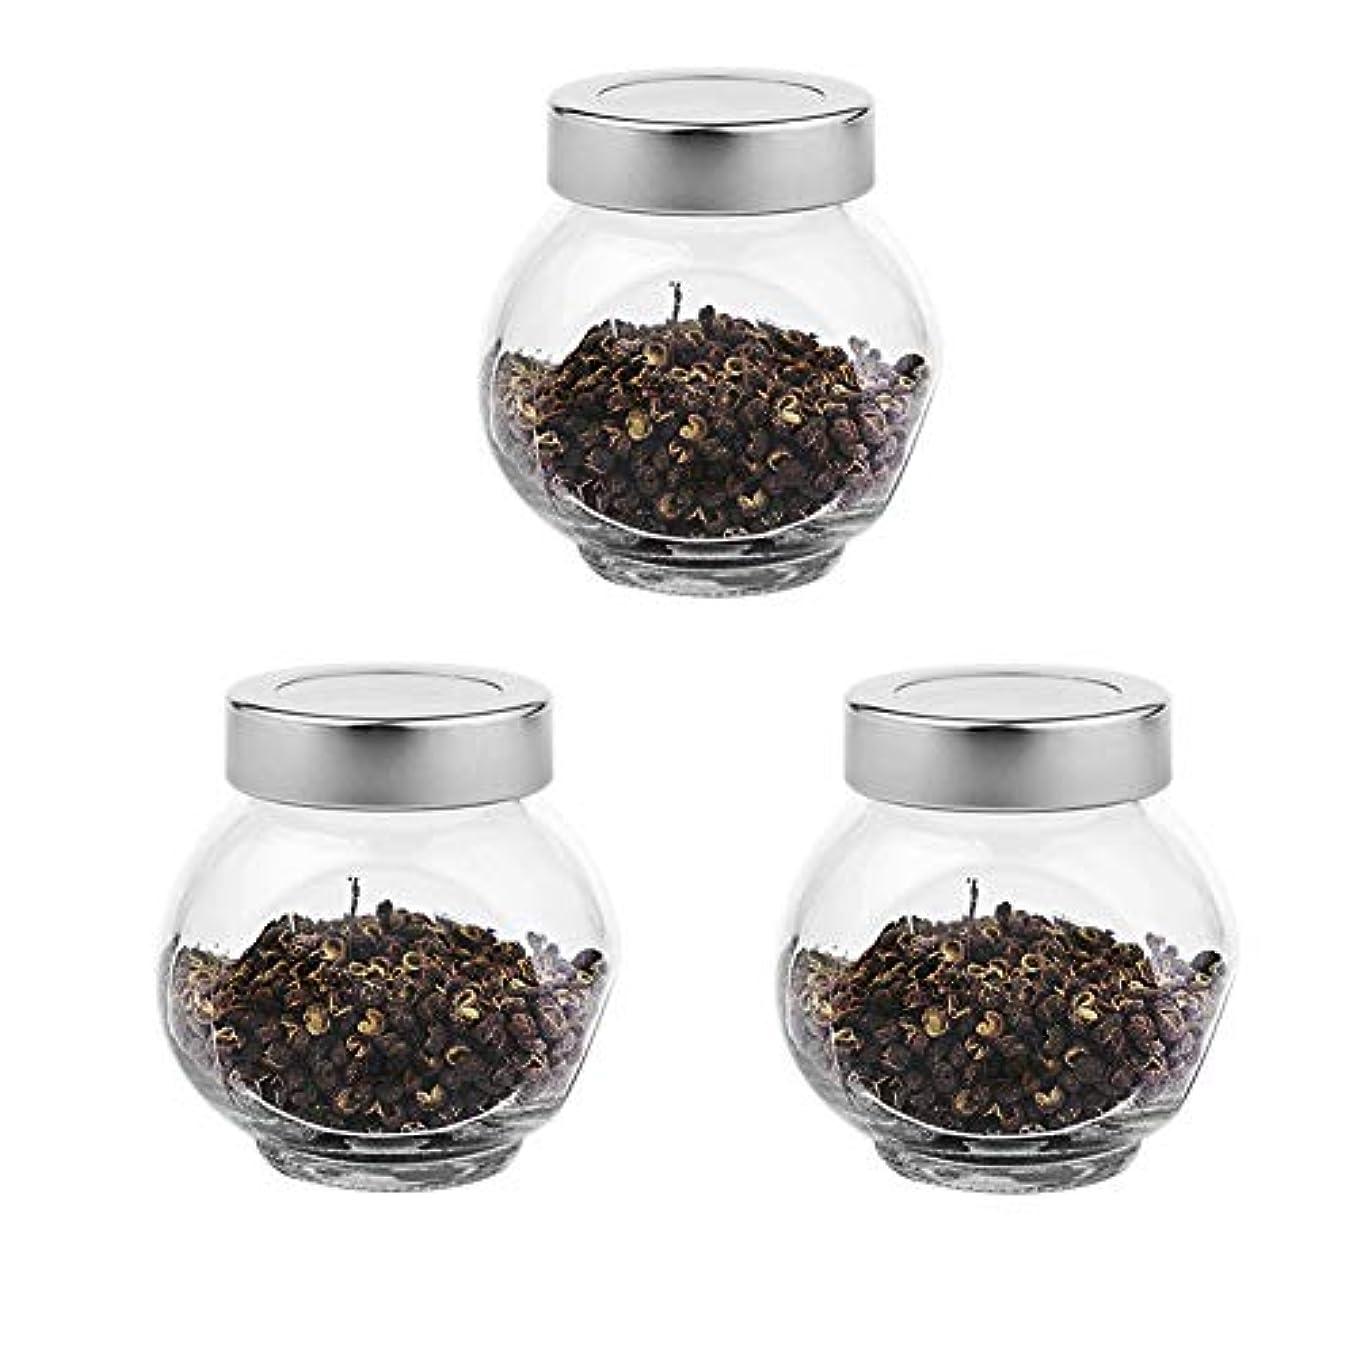 トレーダー滝こんにちは3つの透明ガラス貯蔵容器茶/季節封印缶(200 ml)の貯蔵ジャーパック